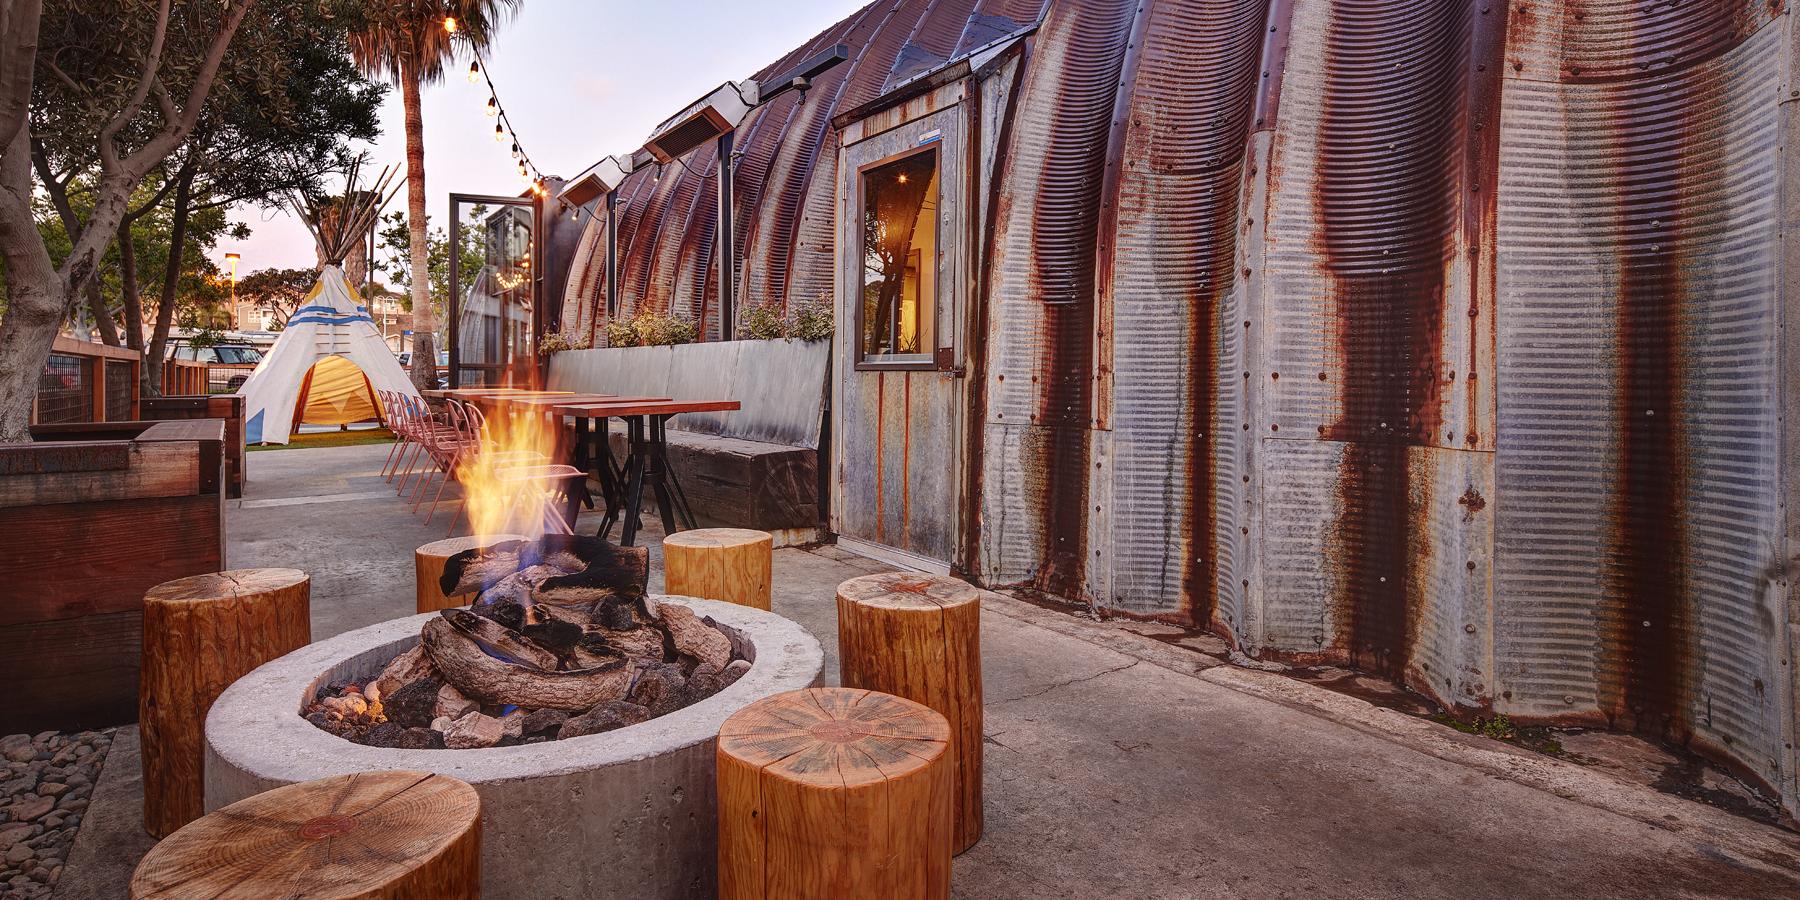 Campfire 5656_1.jpg